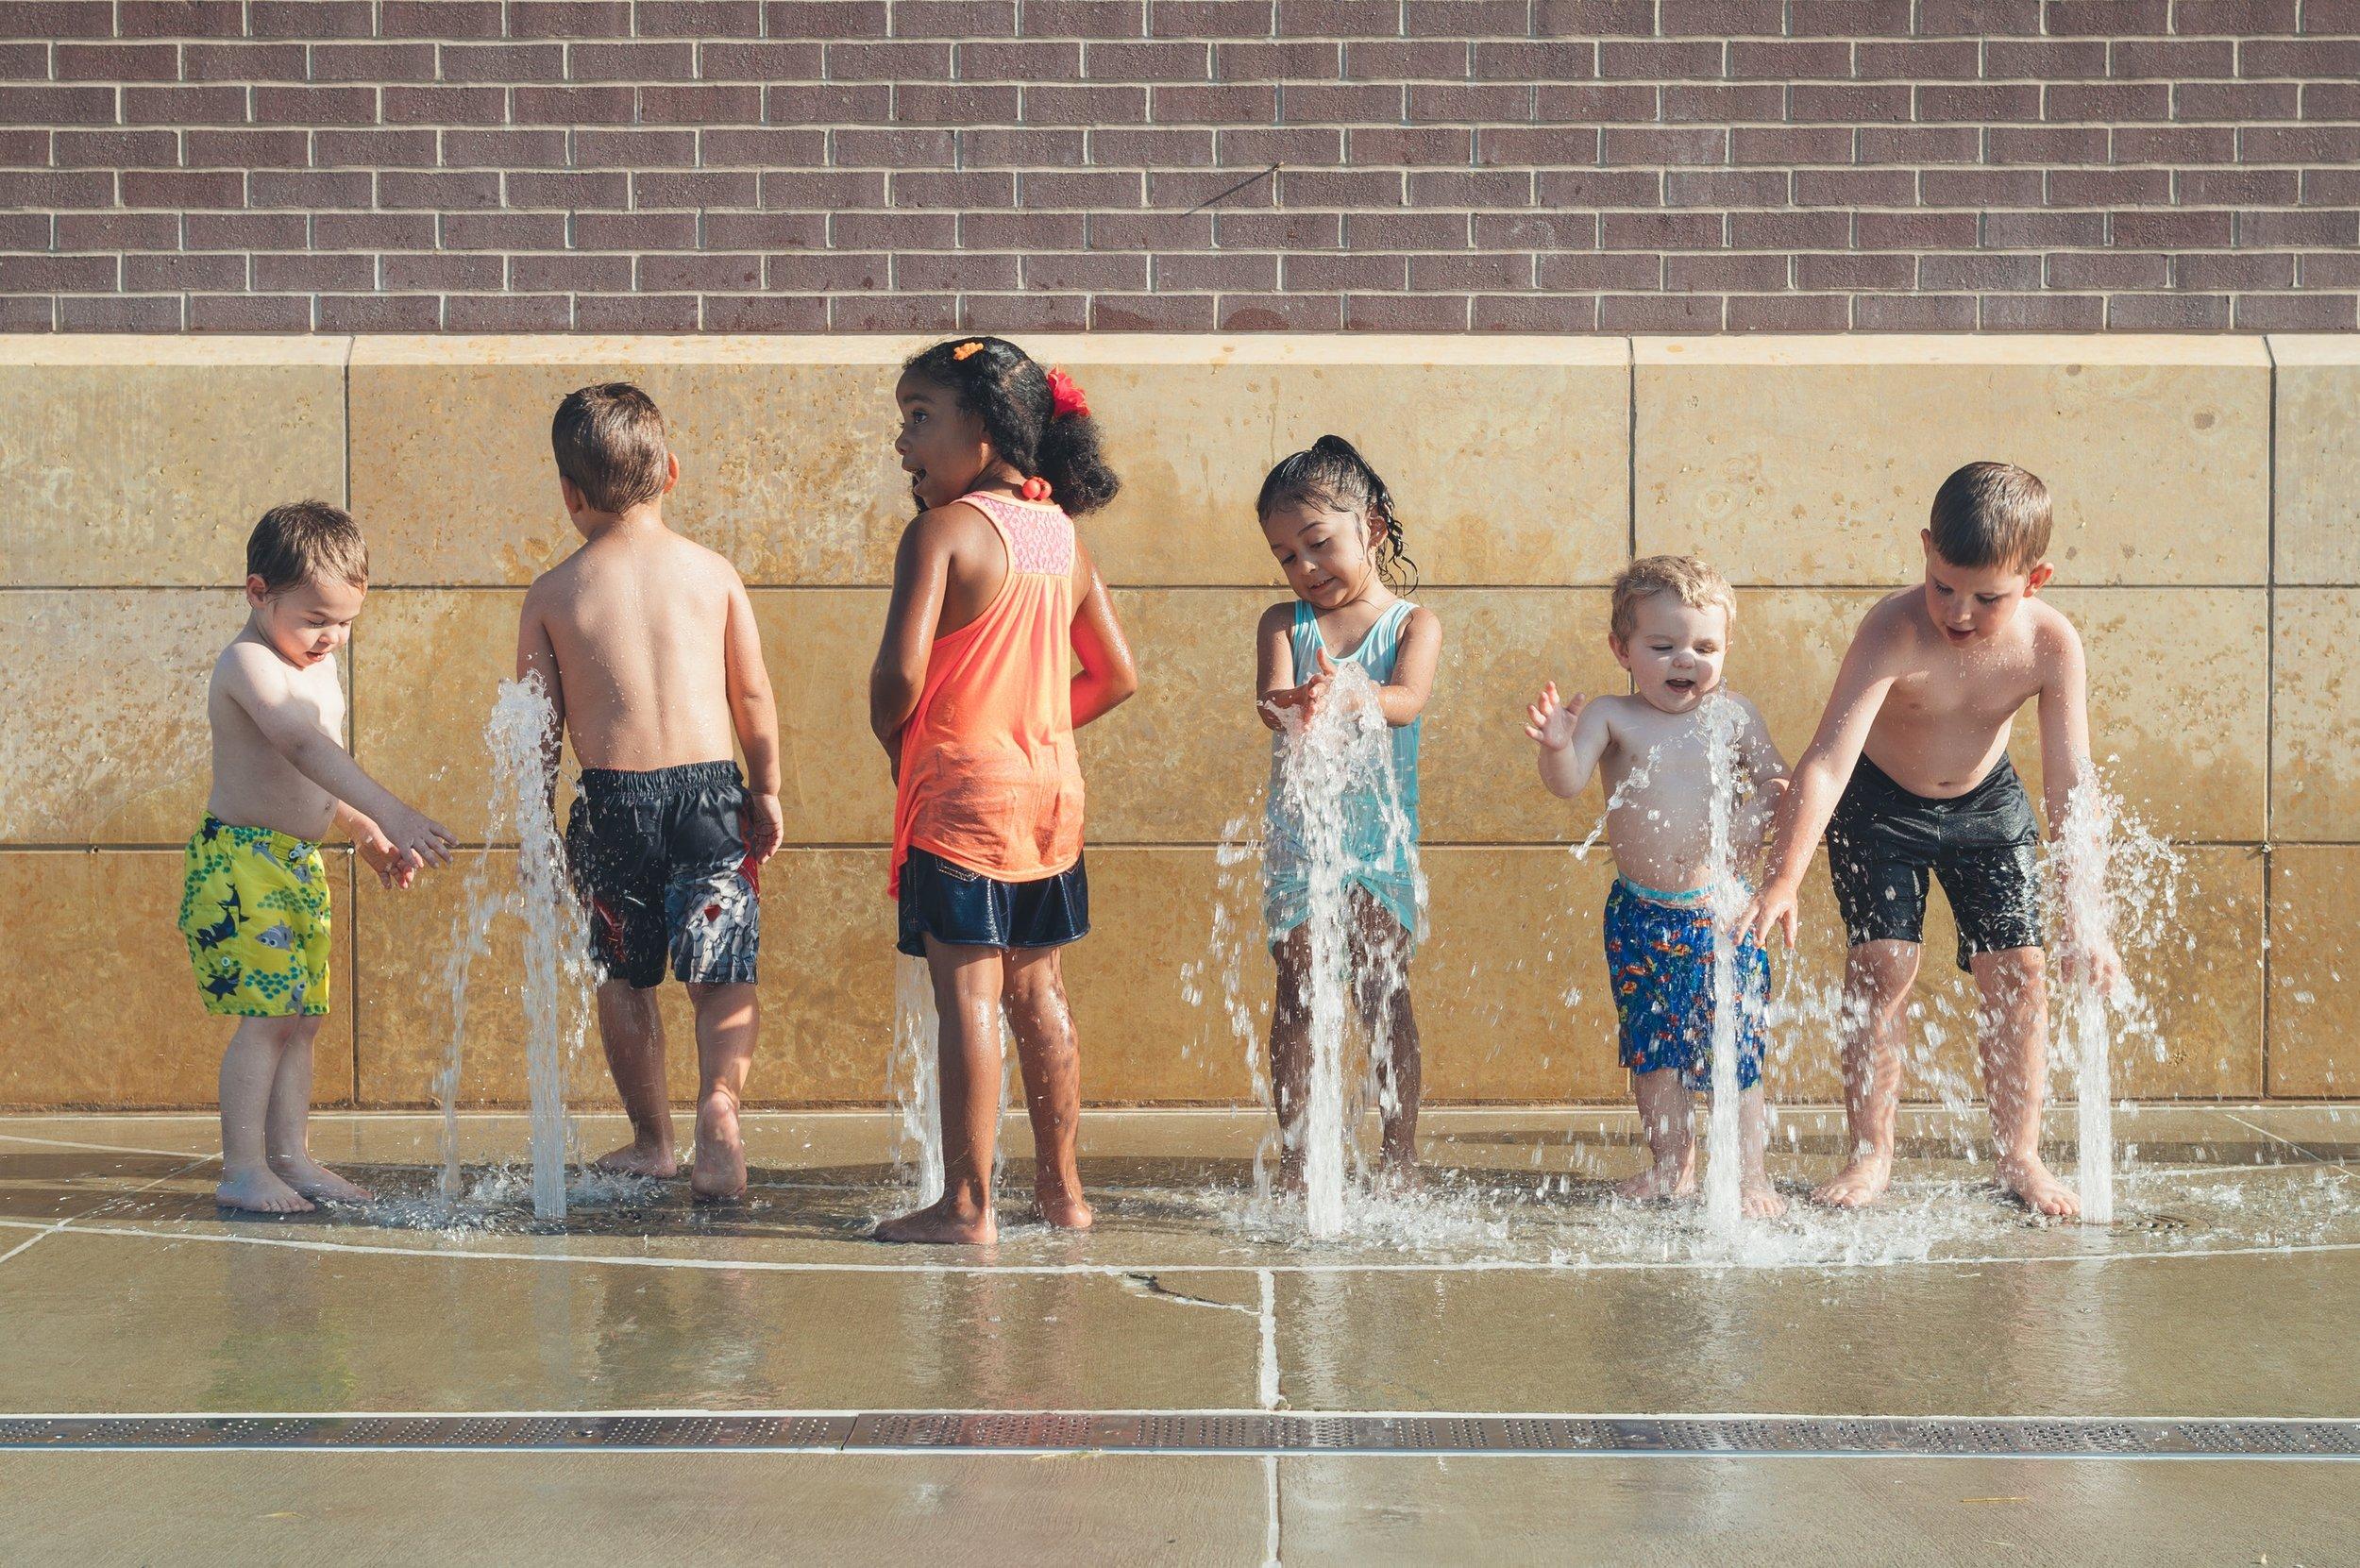 02_children_in_community_photo-1521220609214-a8552380c7a4.jpg